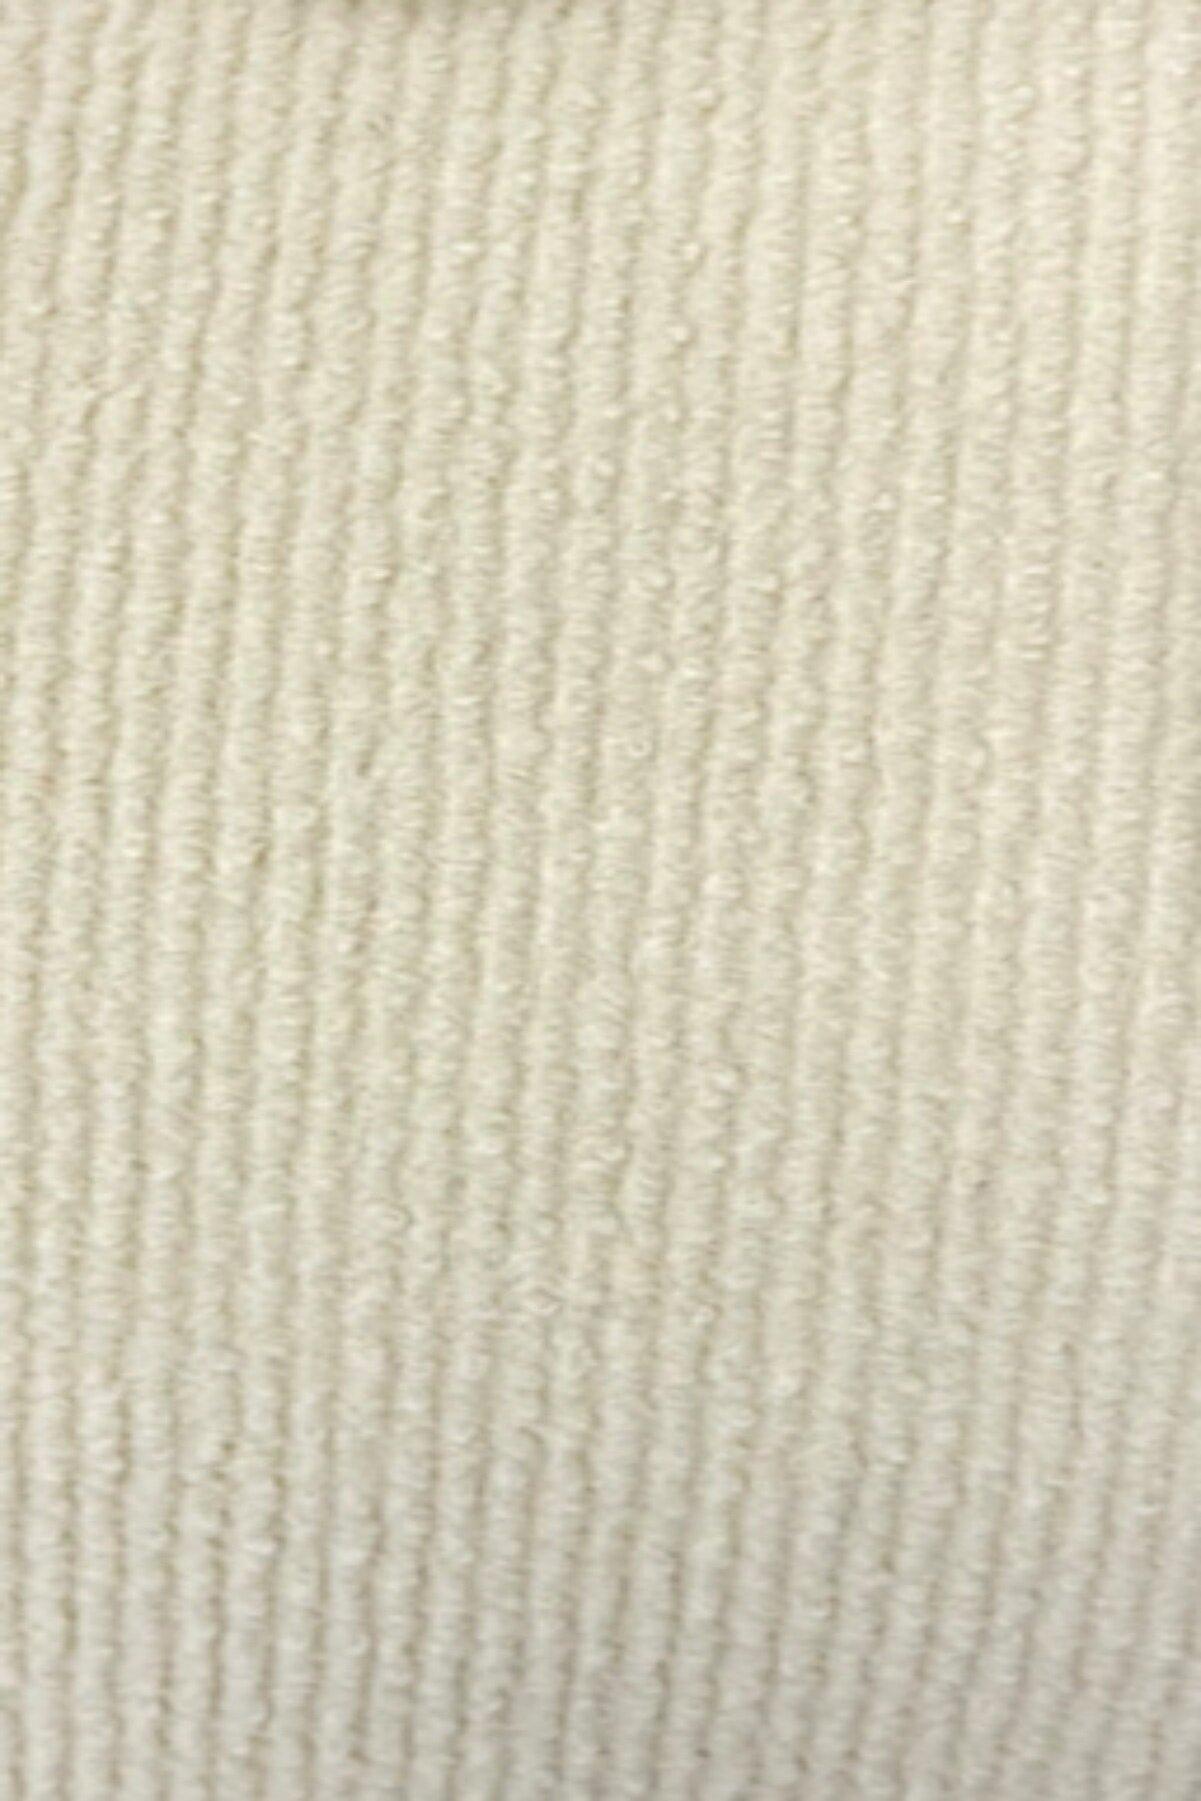 AKSEREN Rip Halı Bej Duvardan Duvara Halıfleks En - 2 Metre Ve 3 Metre